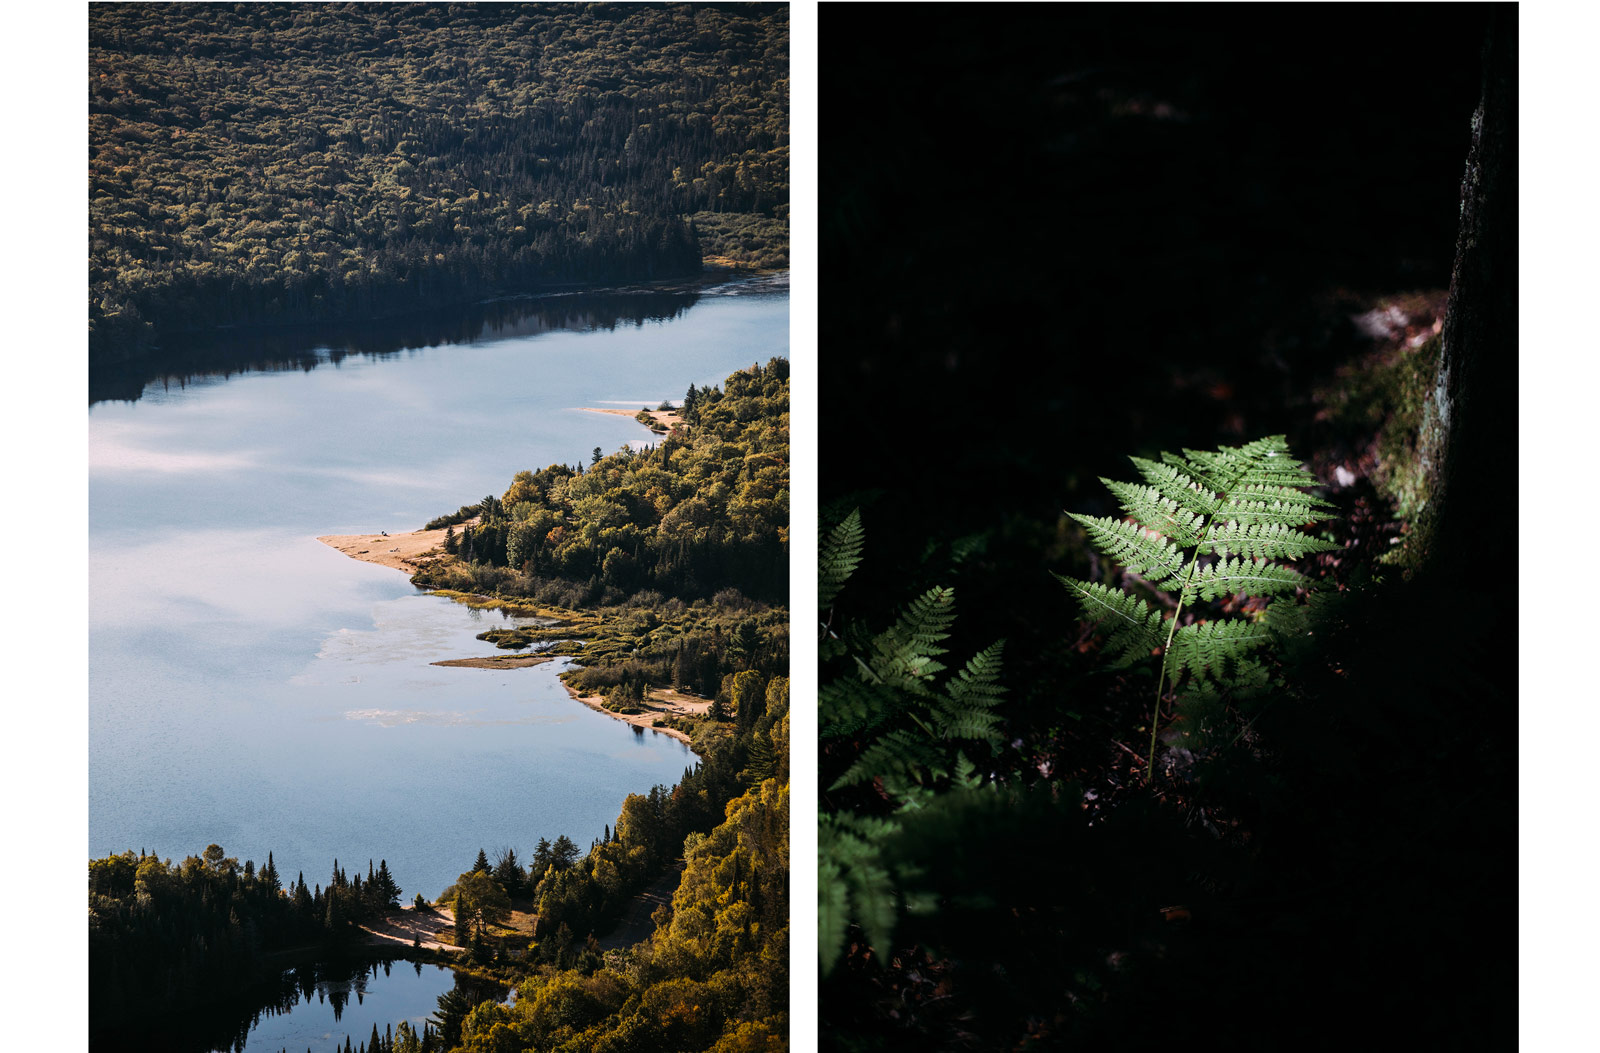 sentiers de randonnée parc national Mont-Tremblant